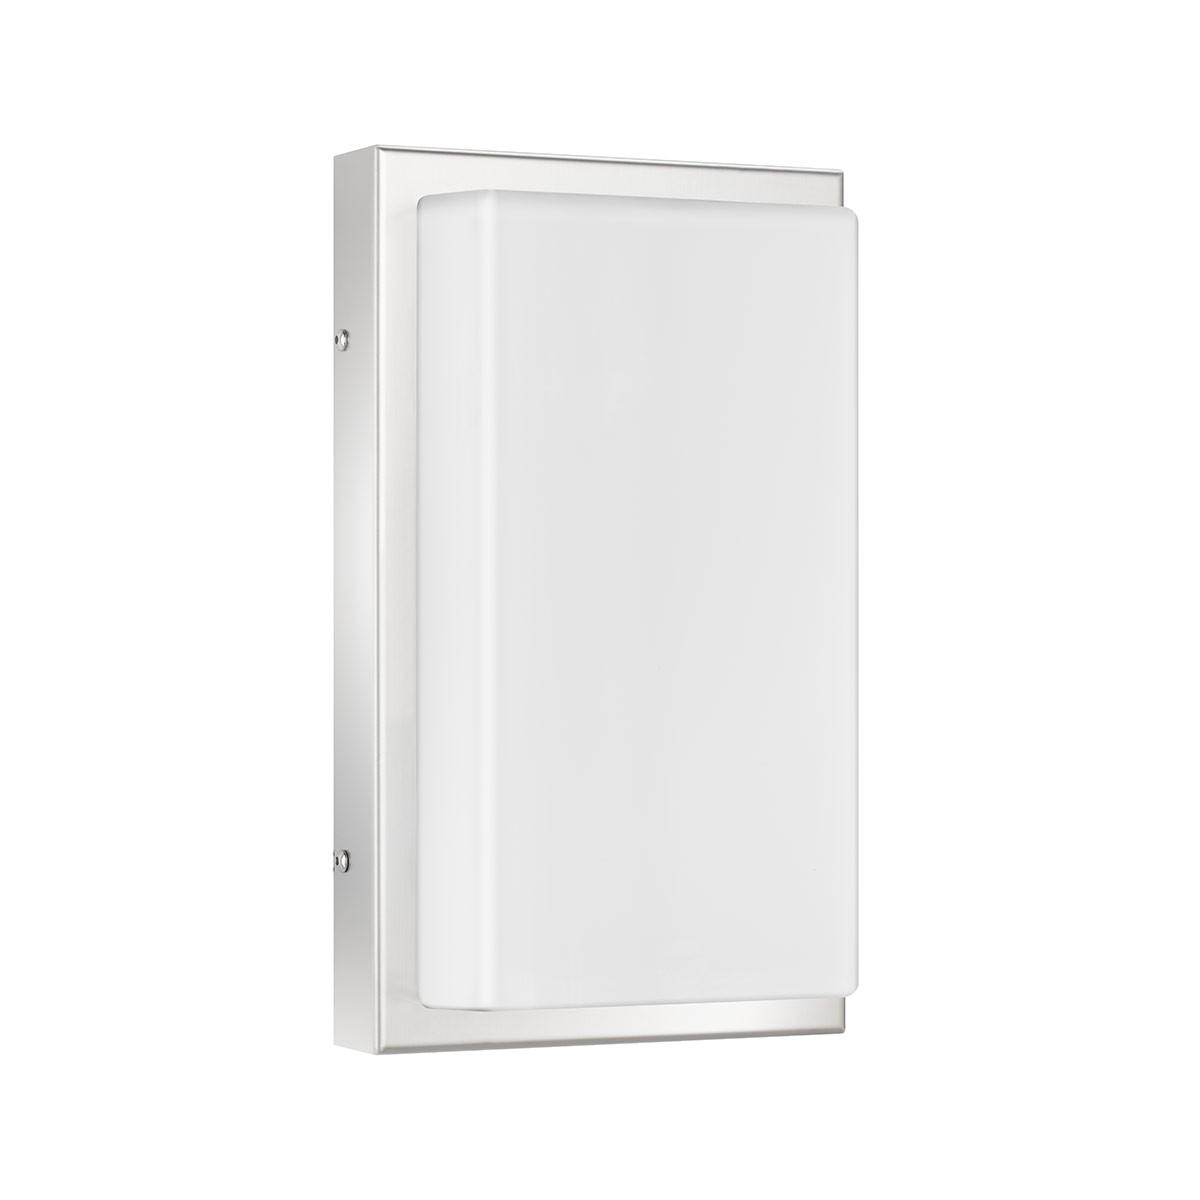 LCD Außenleuchten 048 Wandleuchte, Edelstahl, ohne Bewegungsmelder